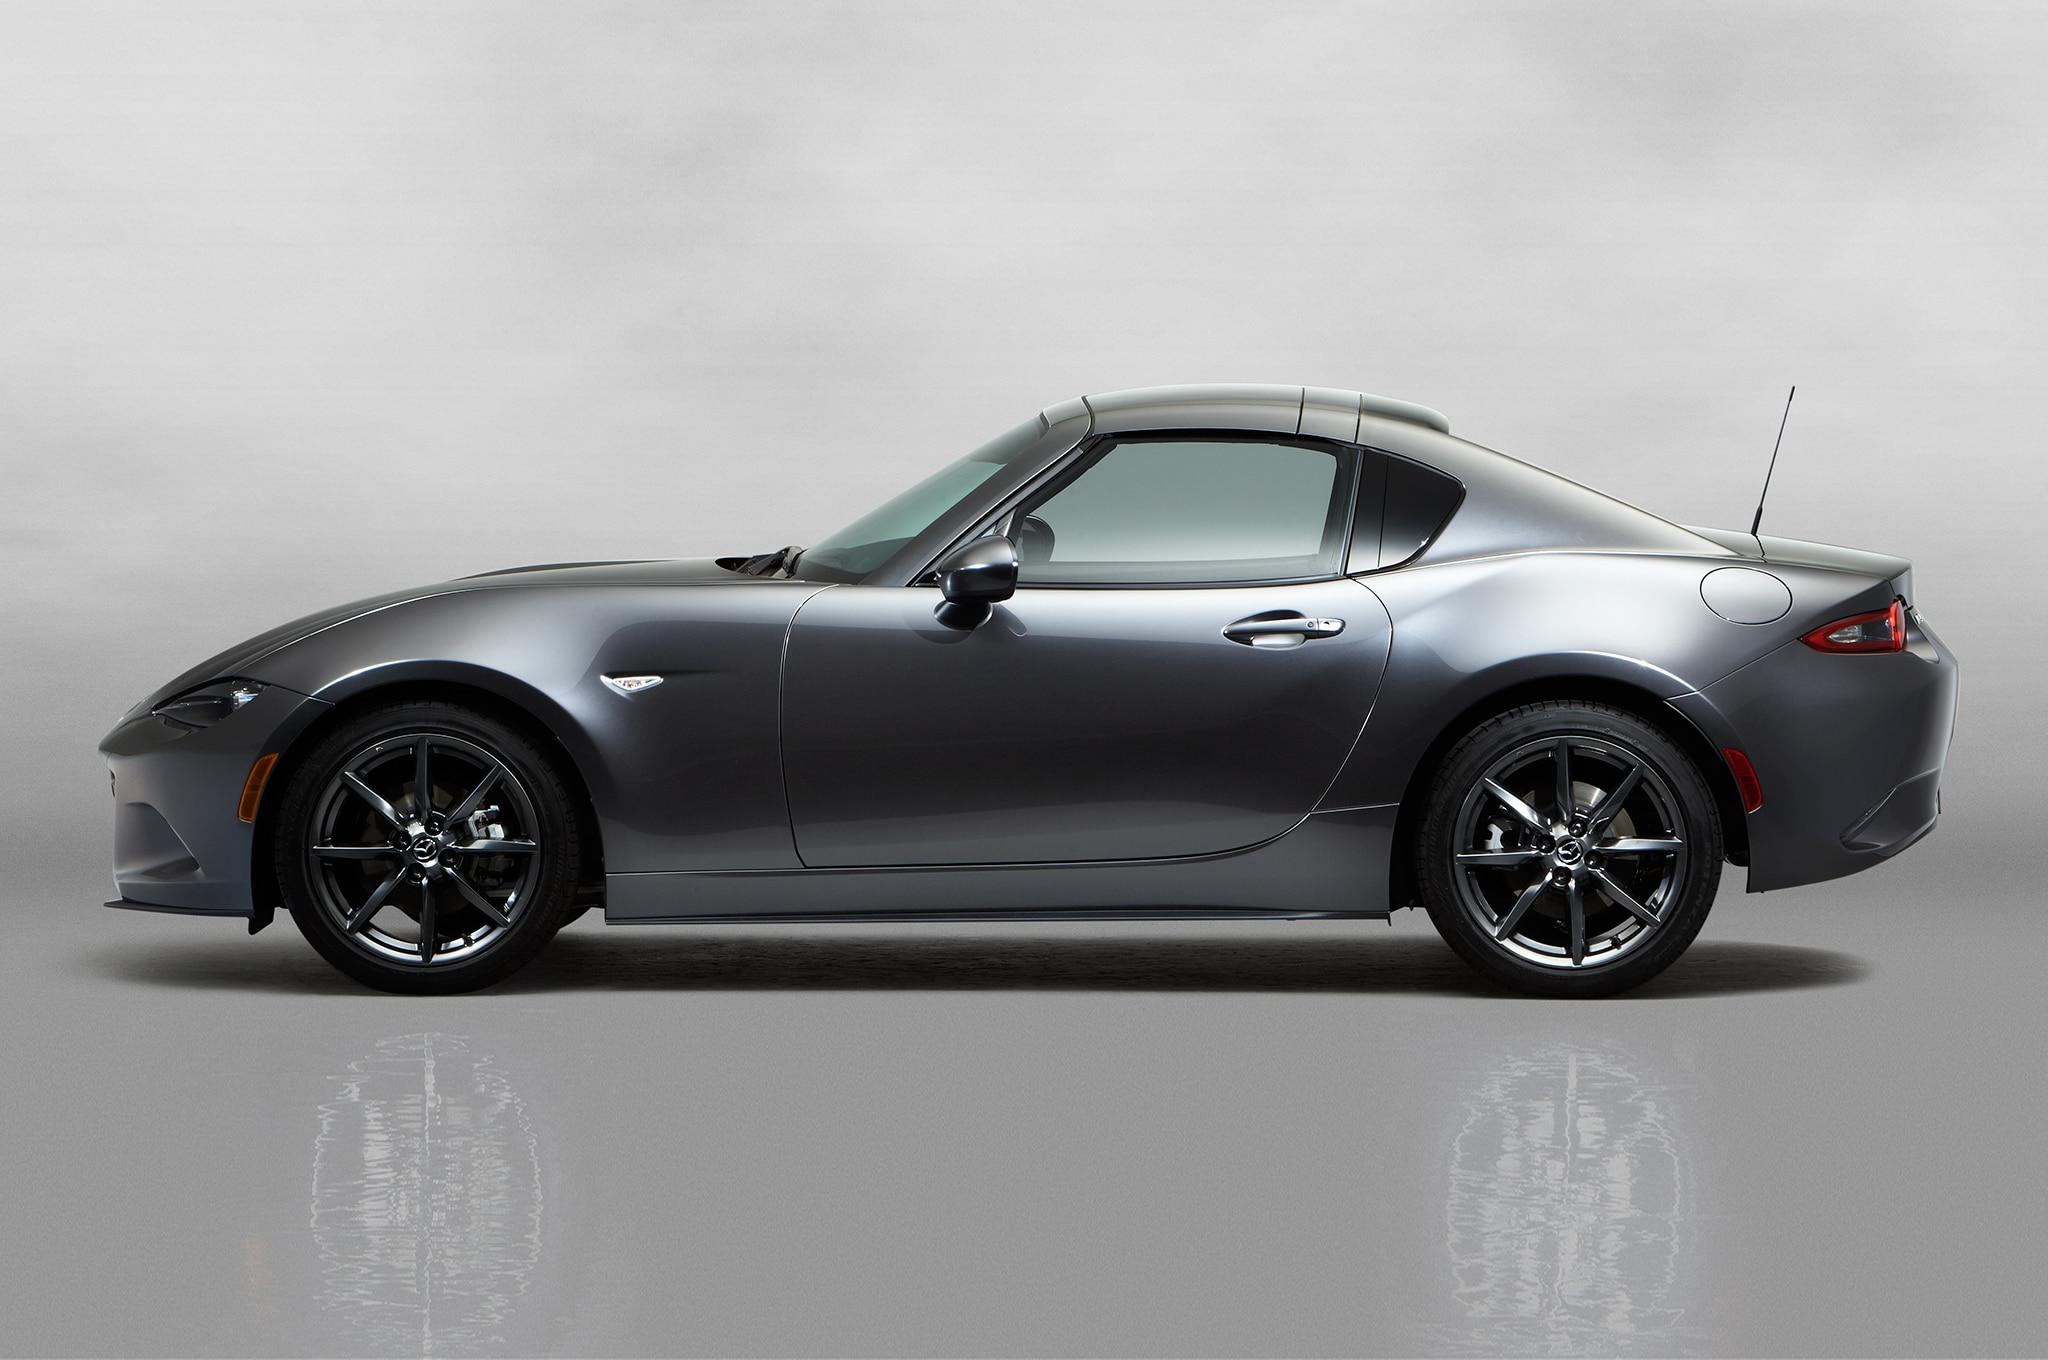 Mazda Miata Turbo Kit Increases Output to 248 Horsepower